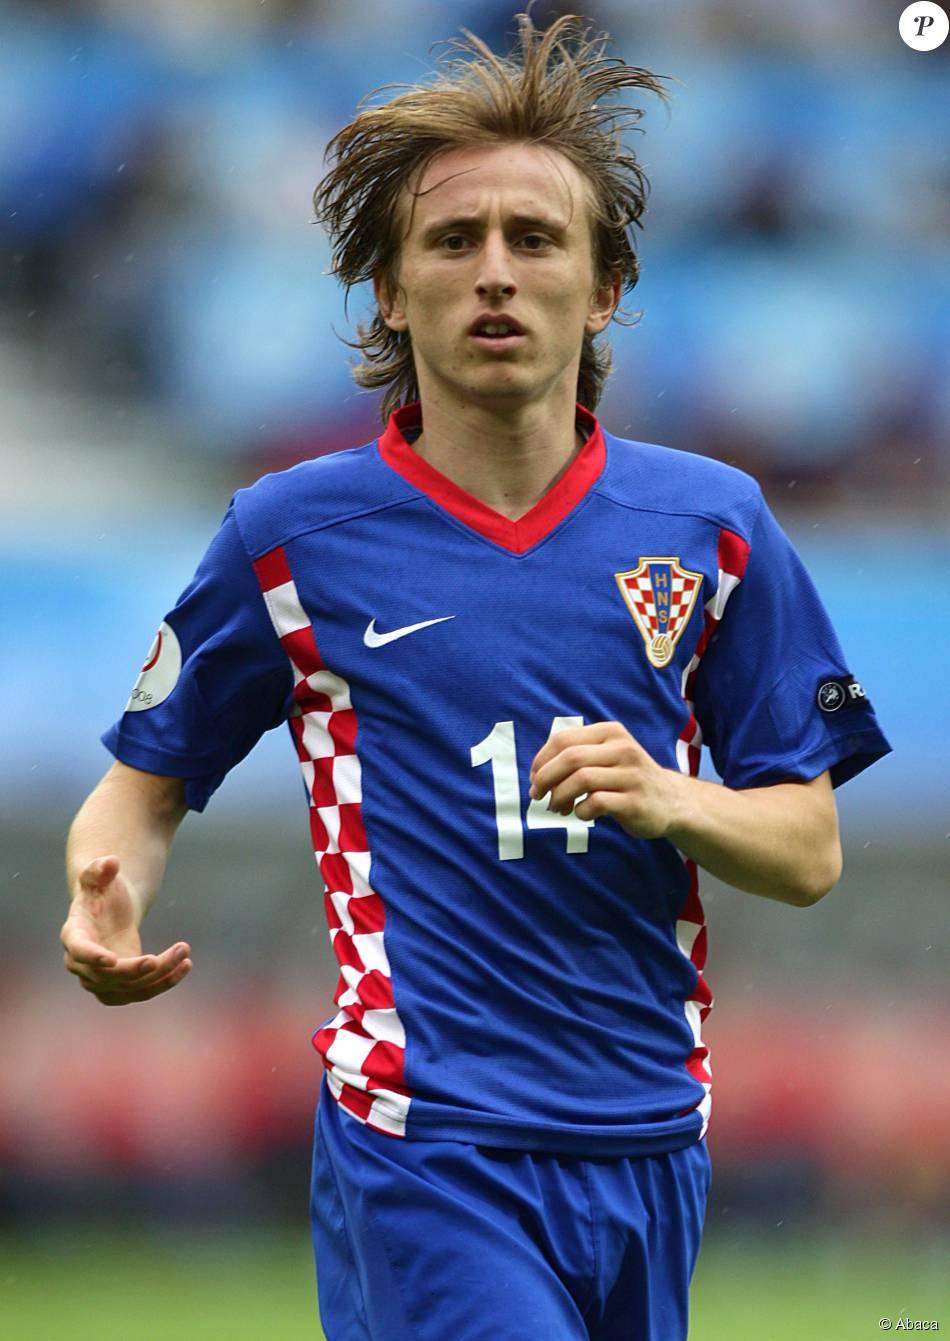 Luka Modric lors de la rencontre du championnat d'Europe entre la Croatie et l'Allemagne, le 12 juin 2008 à l'Hypo-Arena de Klagenfurt, le 12 juin 2008